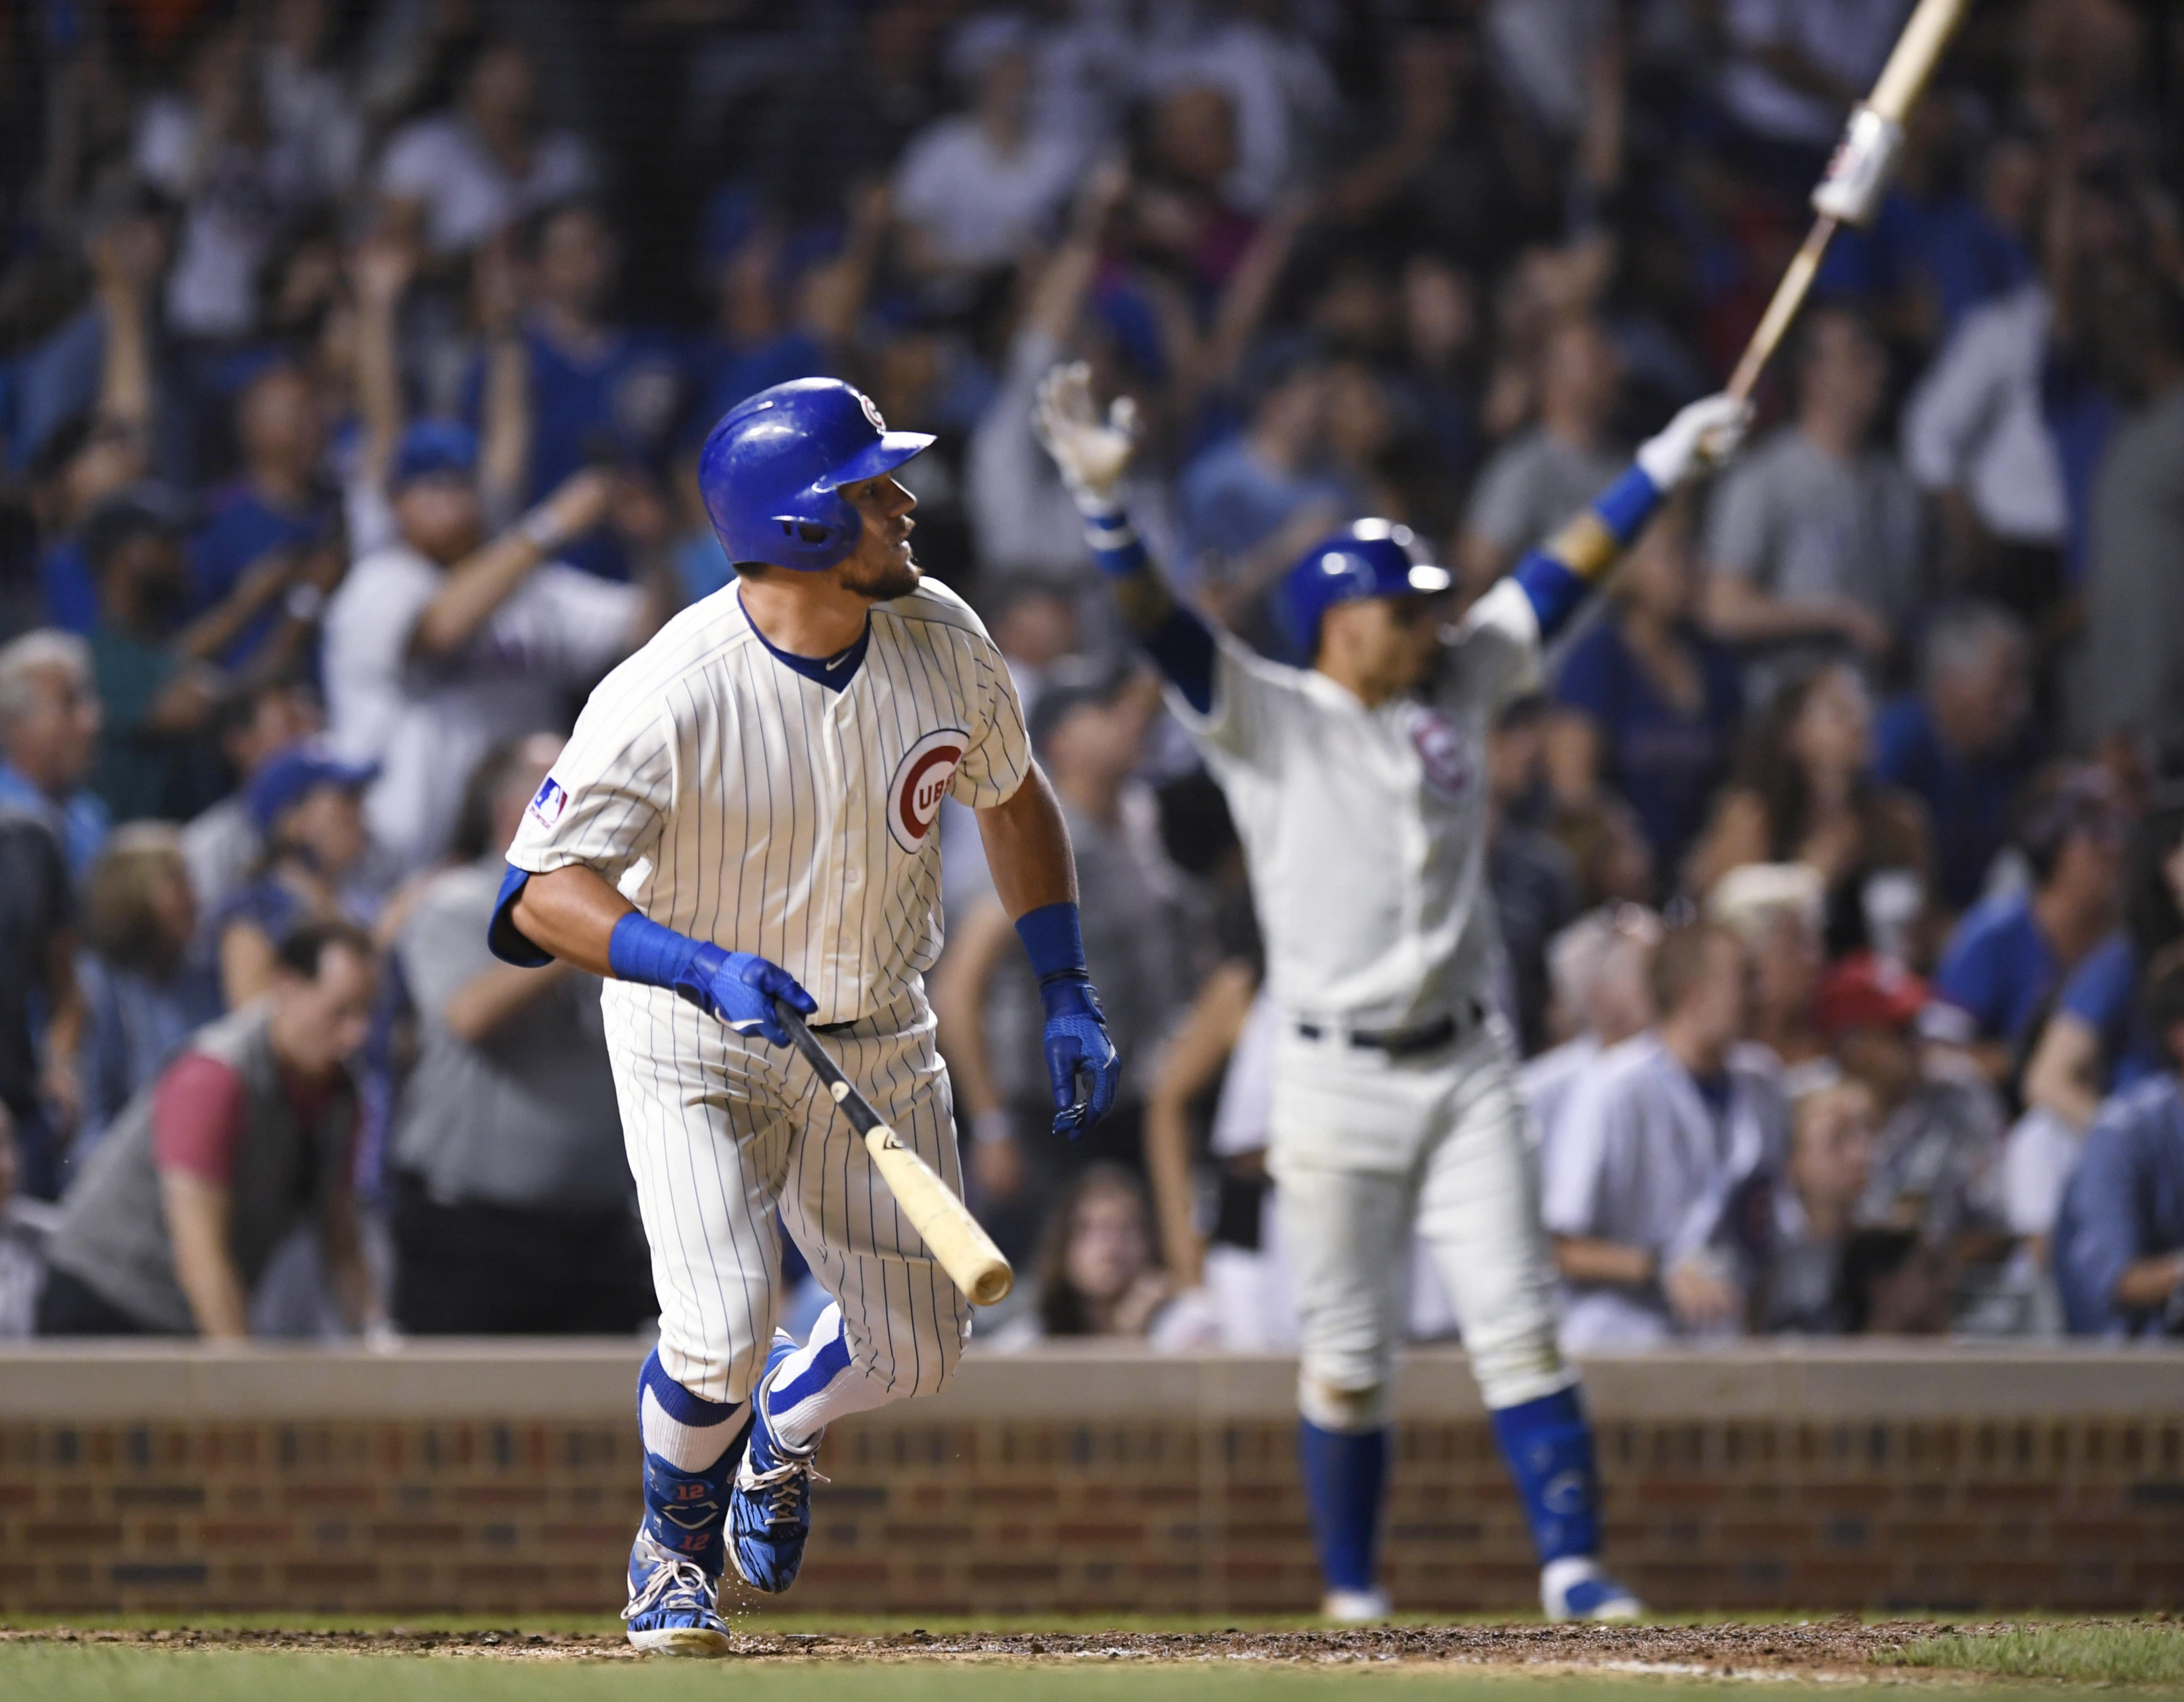 Adult fan yanks away Cubs walk-off home run ball from 2 kids